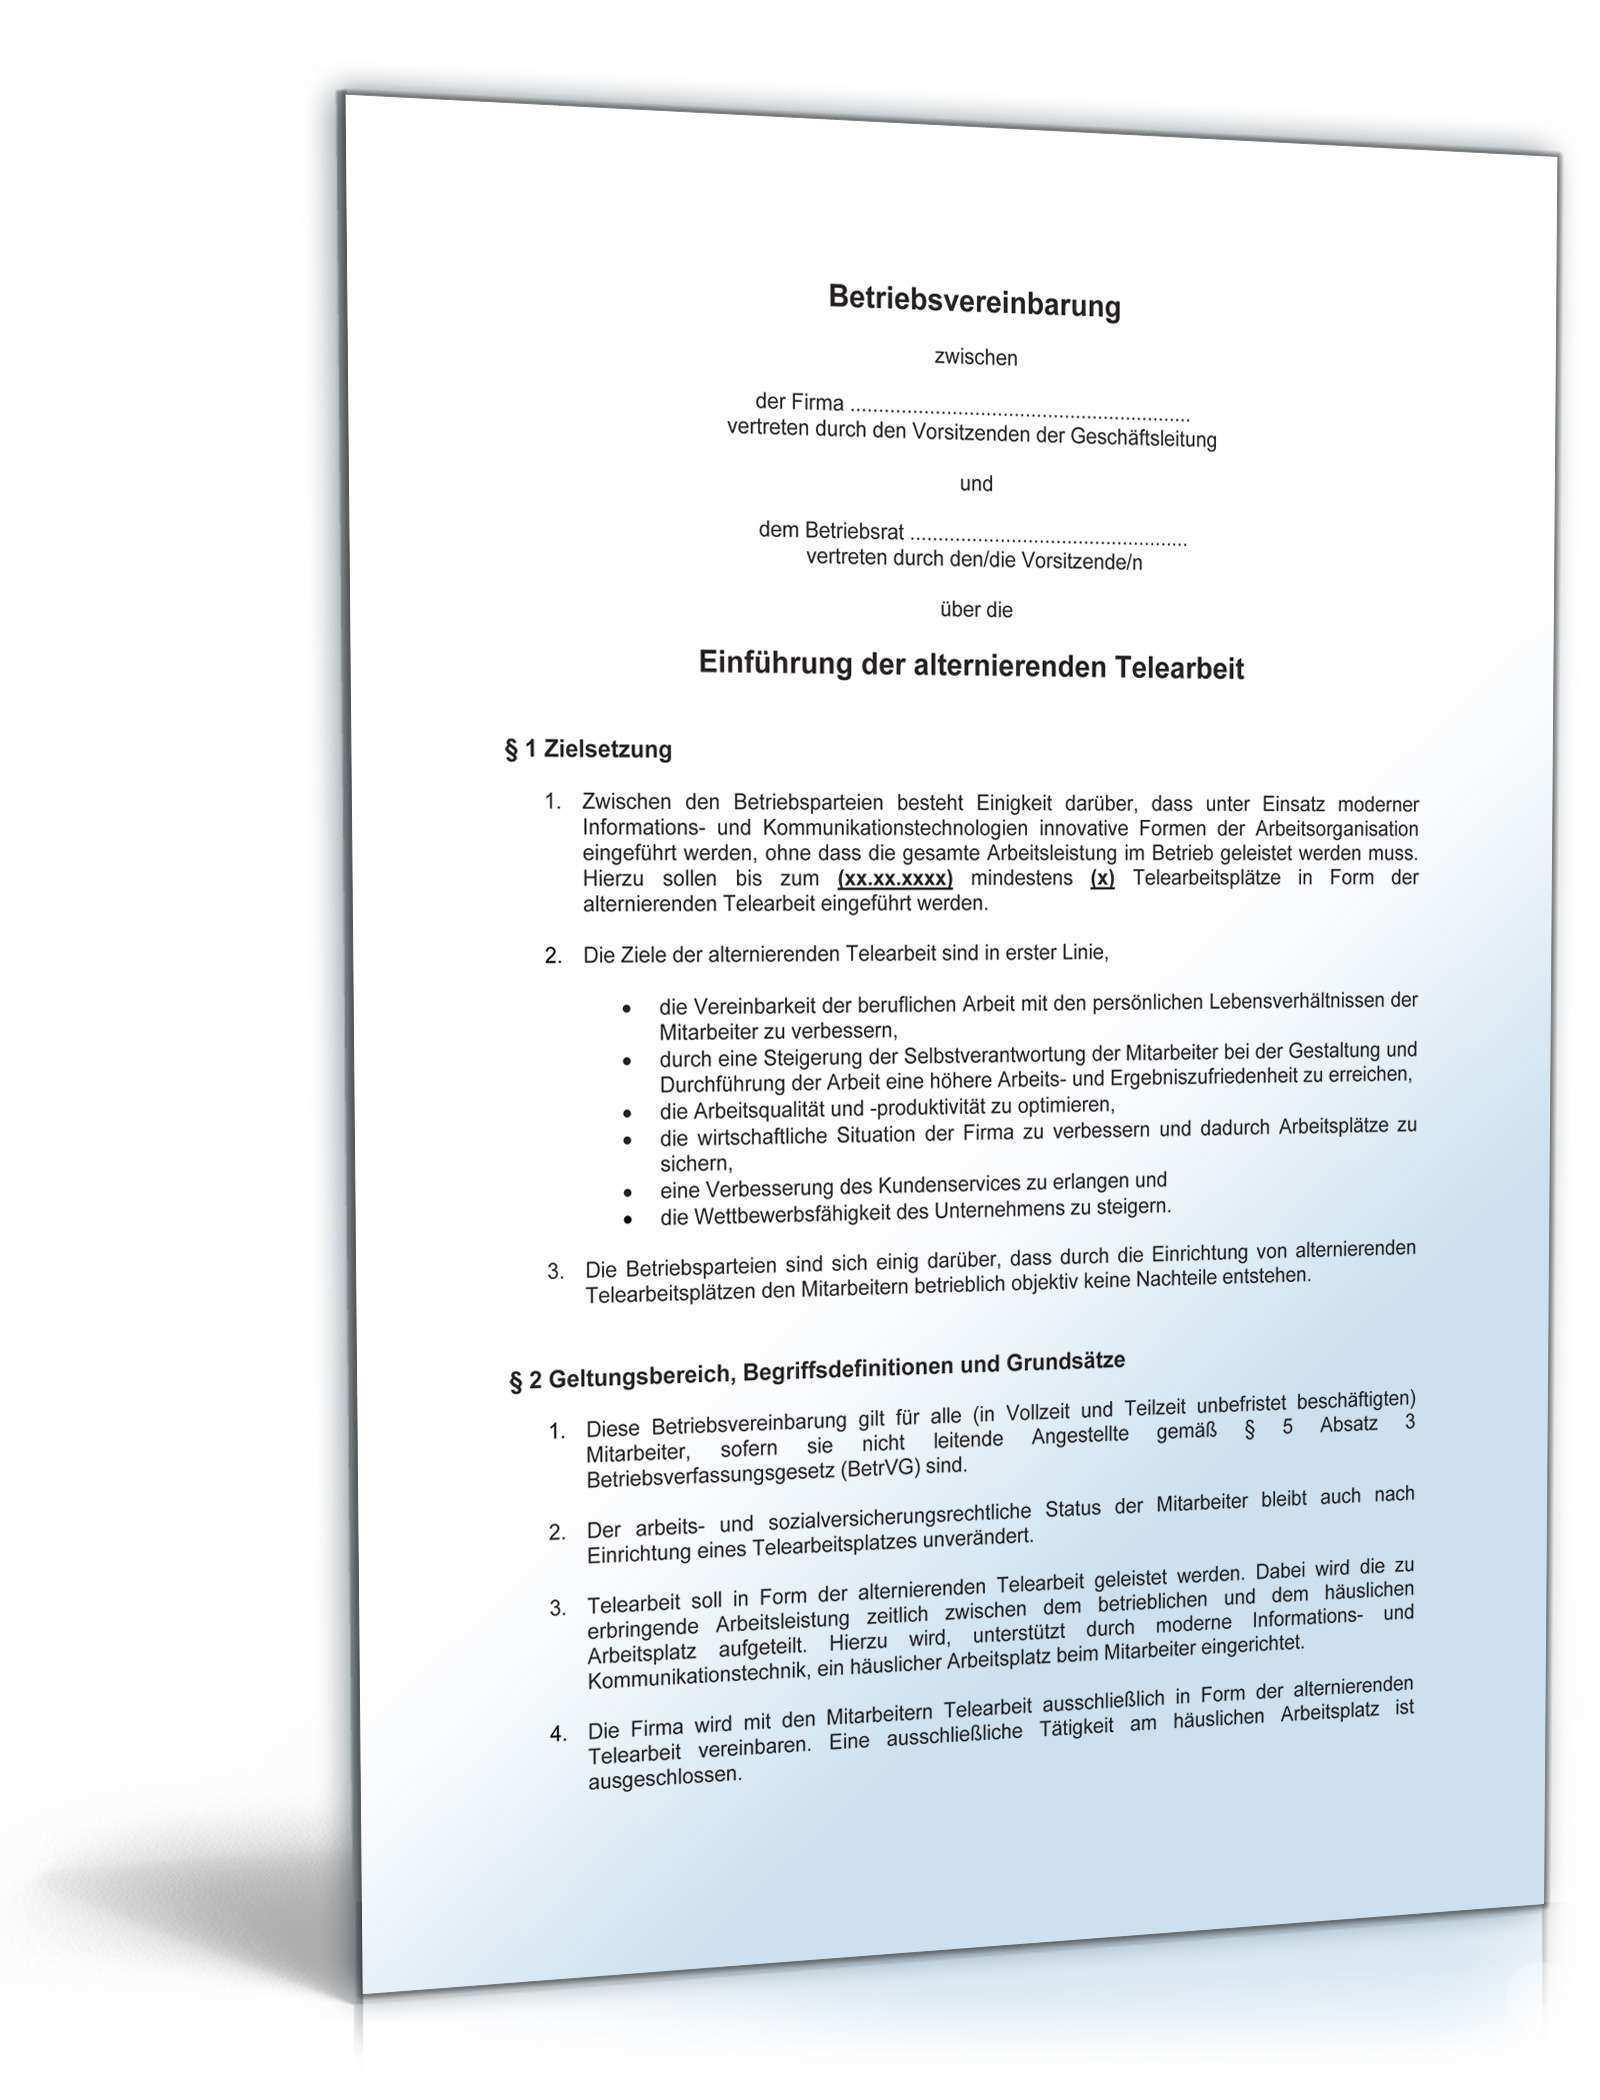 Betriebsvereinbarung Telearbeit Muster Vorlage Zum Download